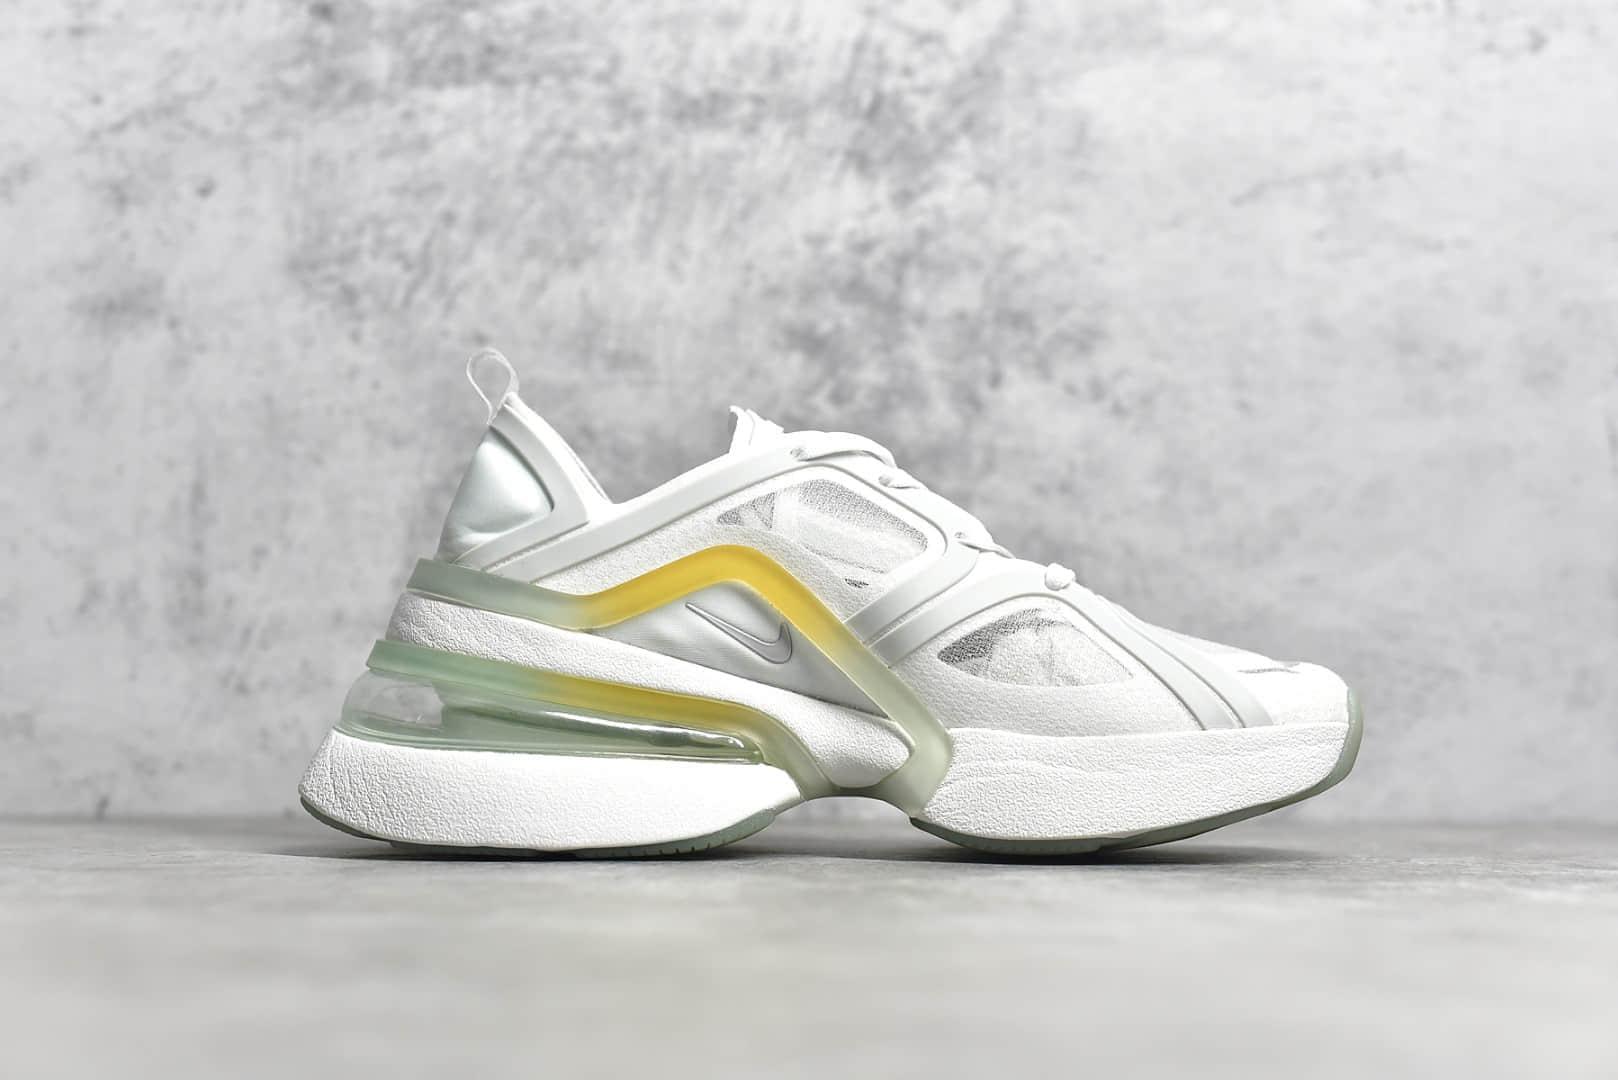 耐克MAX270 xx白色跑鞋 Nike Air Max 270 XX 耐克新款跑鞋老爹鞋 公司级莆田鞋档口货源 莆田鞋代理 货号:CU9430-100-潮流者之家